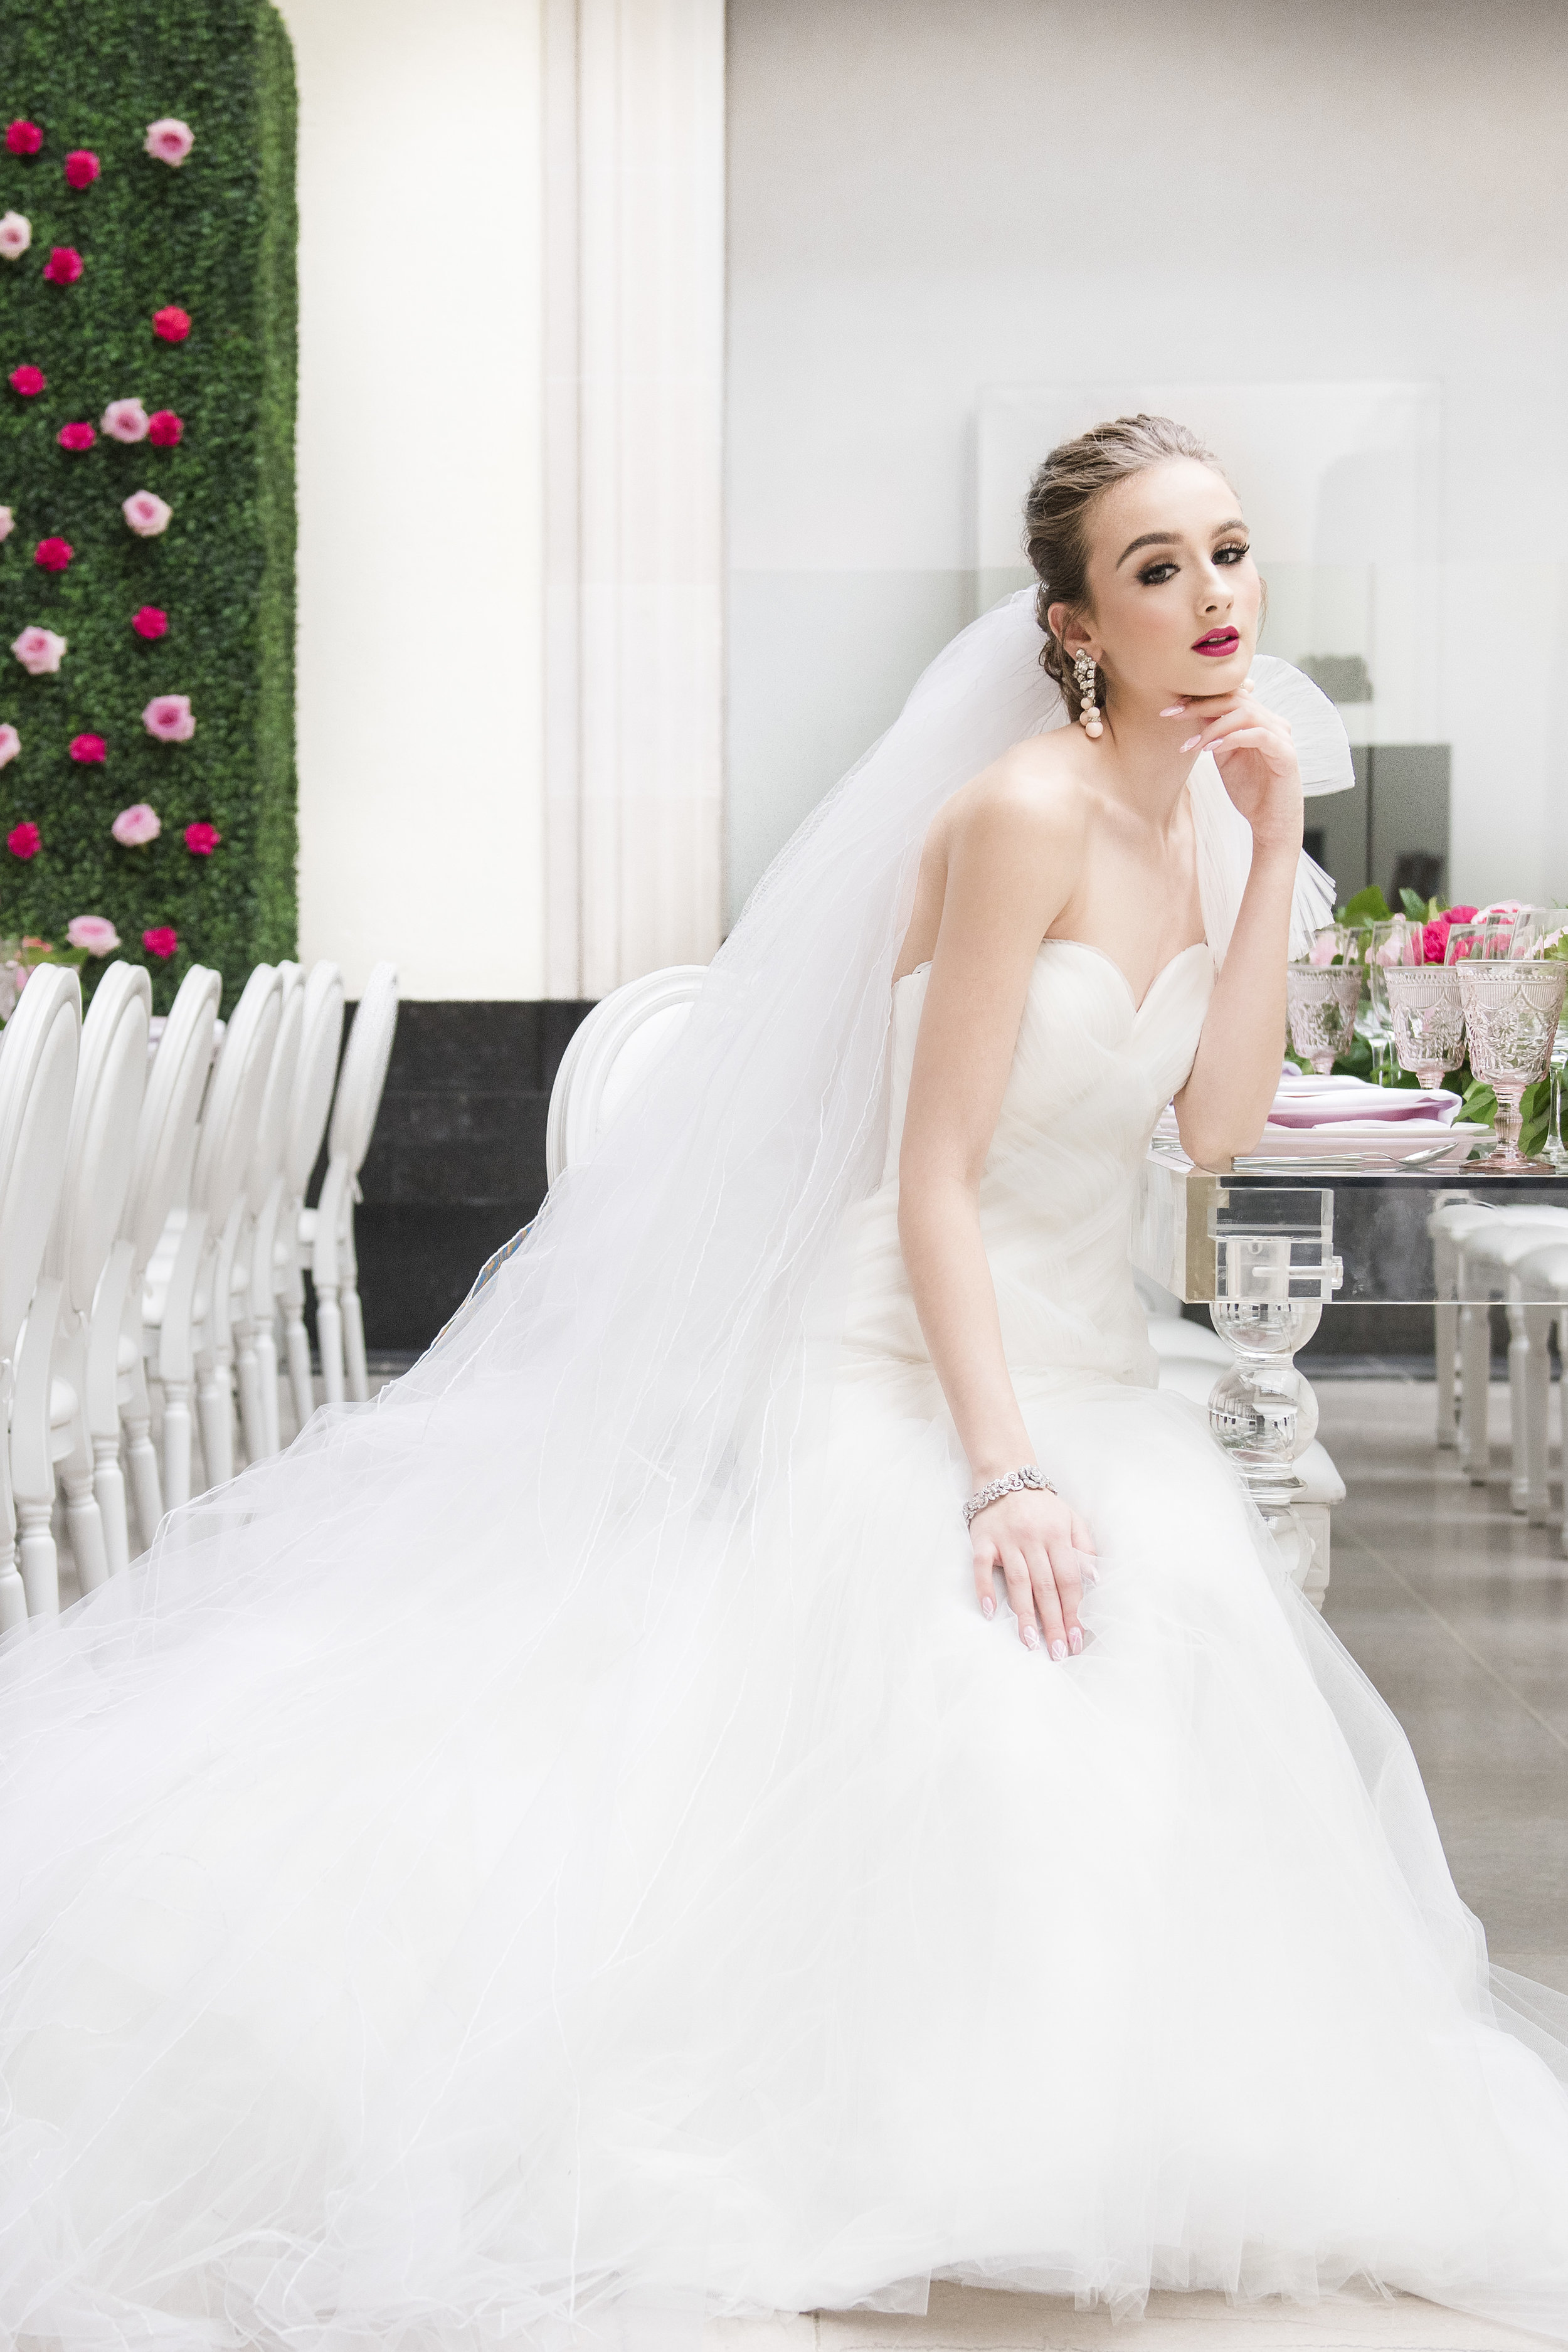 August In Bloom - Bride in garden reception - Dior Darling (Wedluxe)